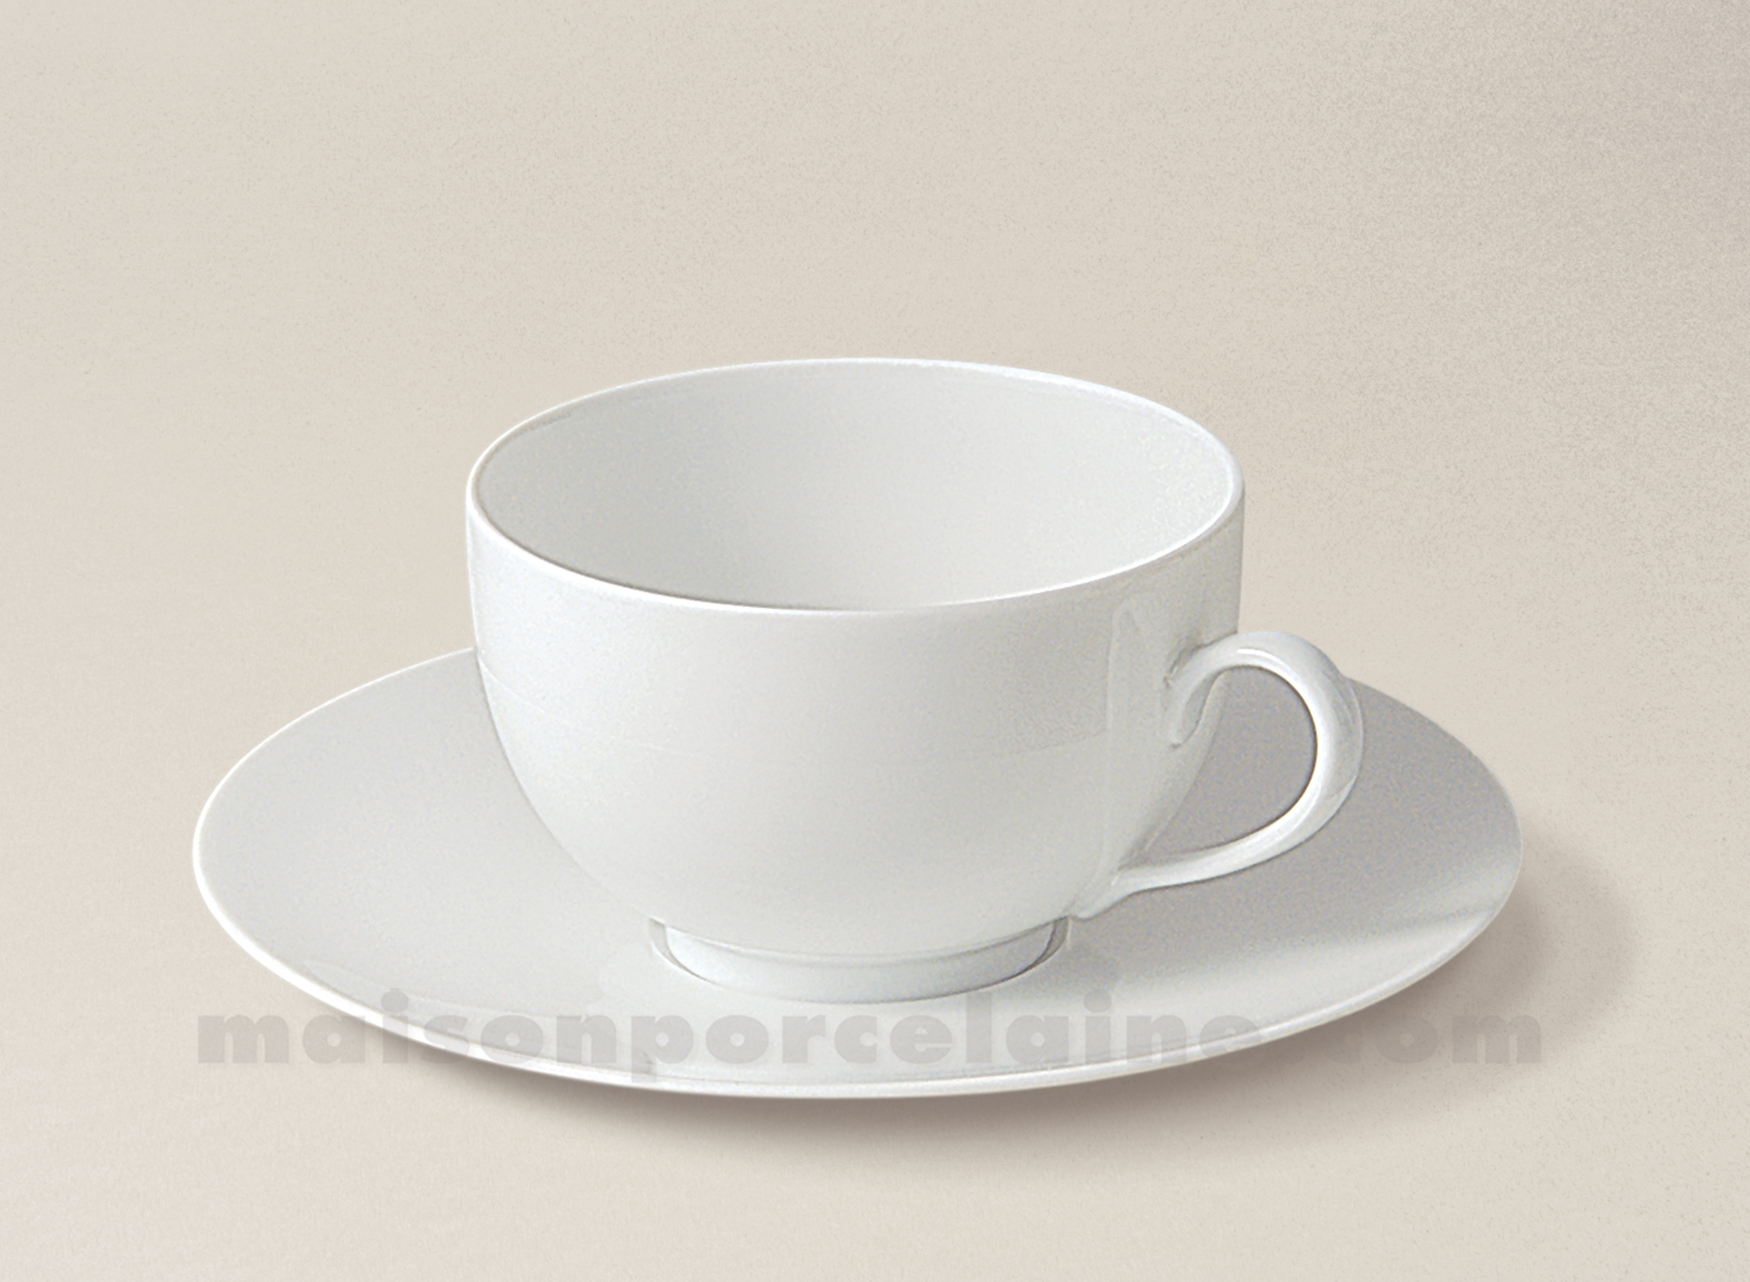 Maison De La Porcelaine Blanche #14: TASSE THE+SOUCOUPE LIMOGES PORCELAINE BLANCHE ENVIE 24CL